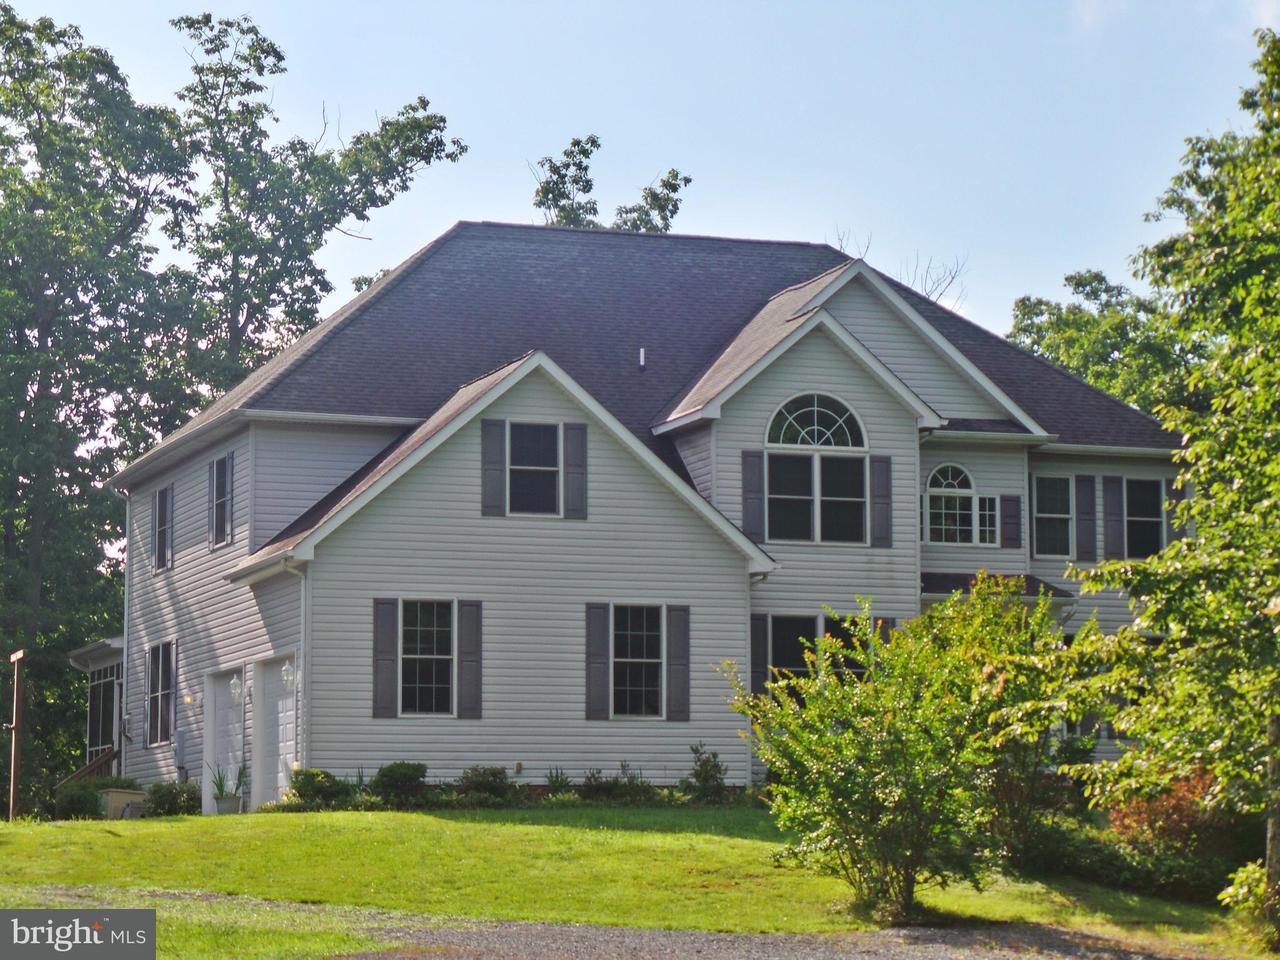 Частный односемейный дом для того Продажа на 49575 DIAMOND Lane 49575 DIAMOND Lane Dameron, Мэриленд 20628 Соединенные Штаты